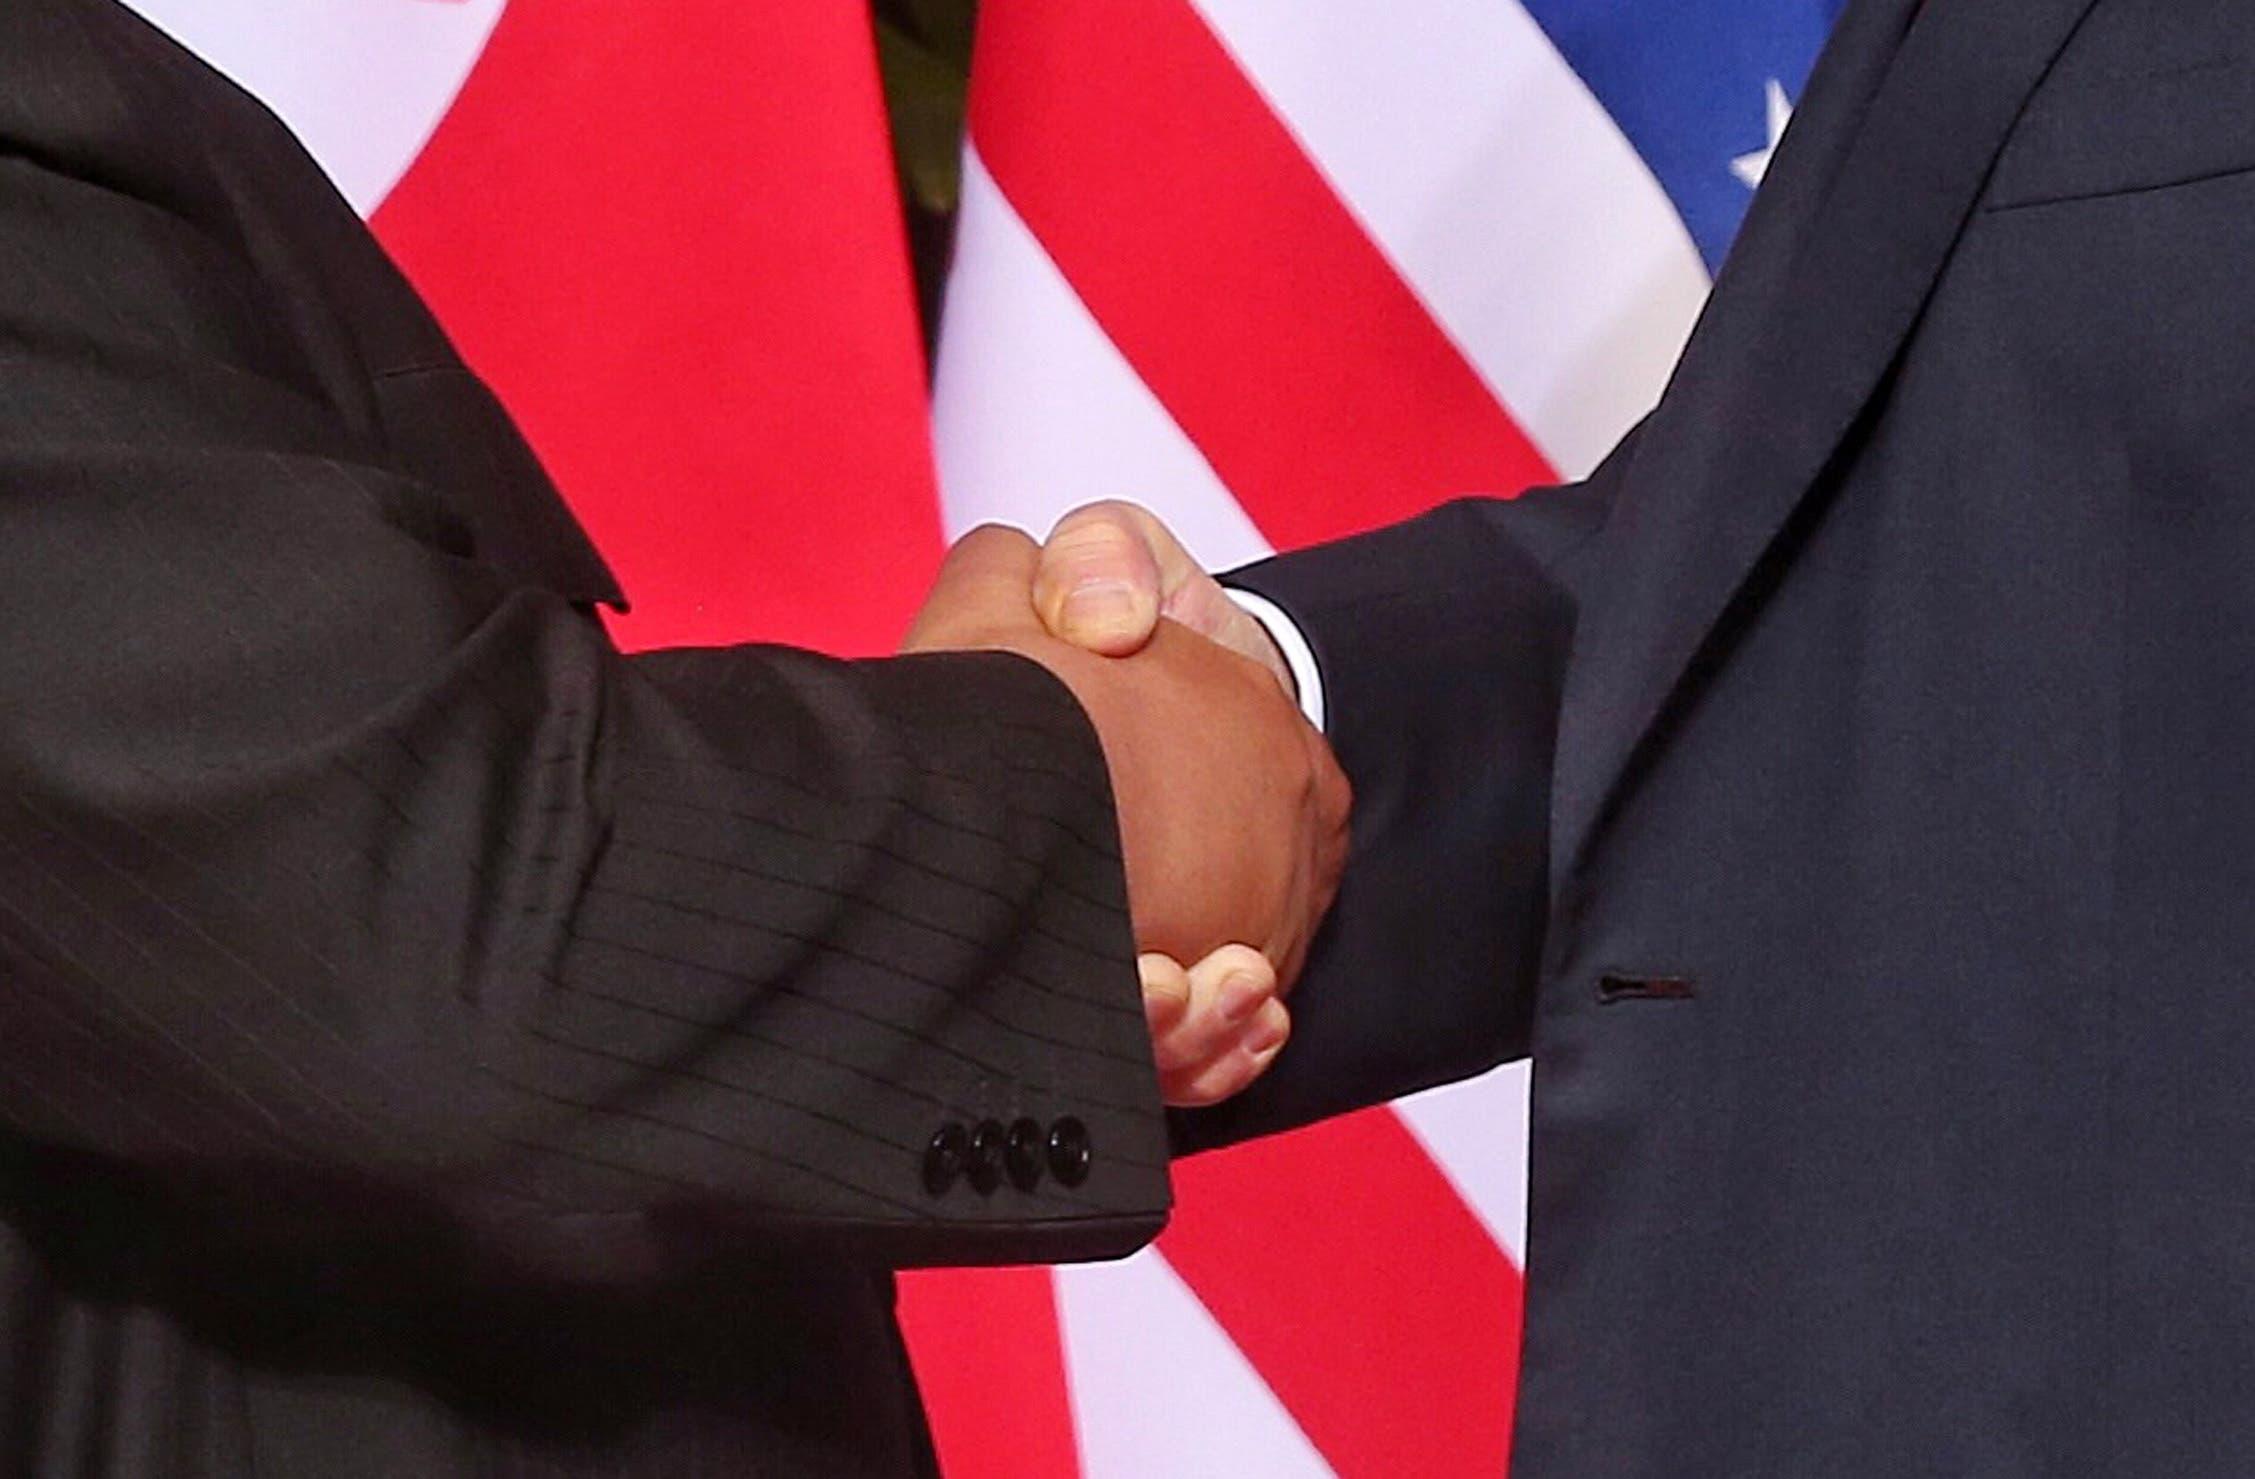 """Historischer Händedruck oder ist alles nur """"All talk and no action""""? Das wird sich noch herausstellen in den kommenden Wochen und Monaten. (Bild:EPA/KEVIN LIM)"""